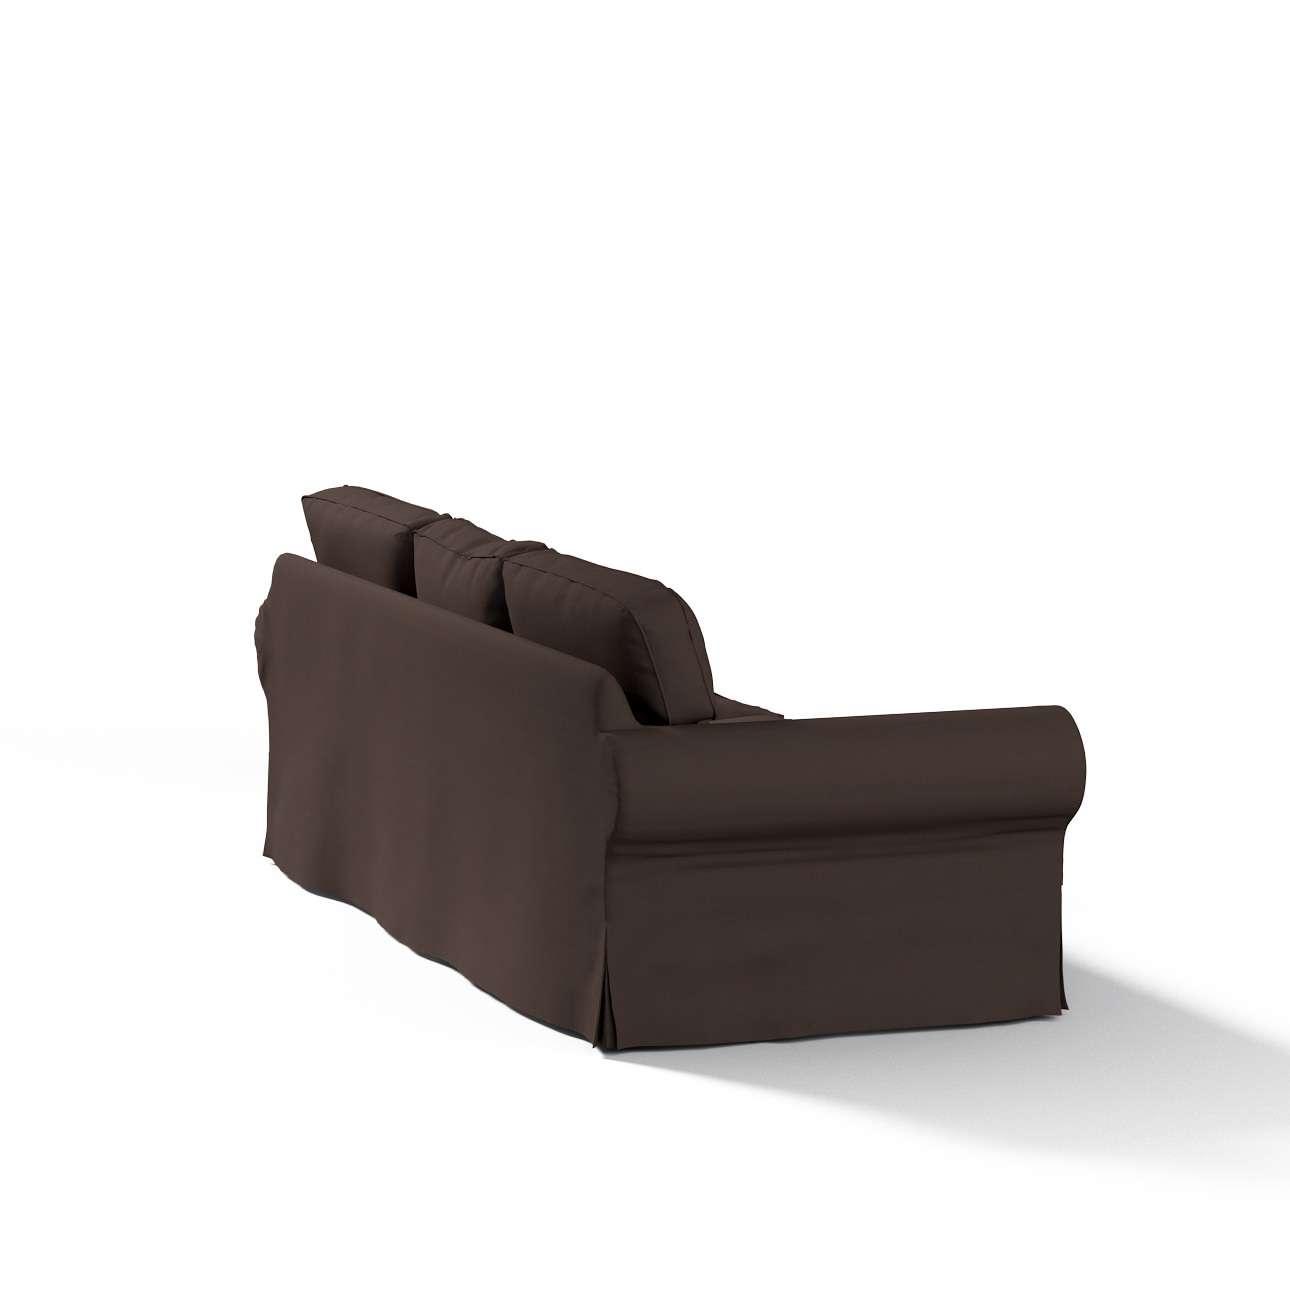 Ektorp trivietės sofos užvalkalas Ektorp trivietės sofos užvalkalas kolekcijoje Cotton Panama, audinys: 702-03